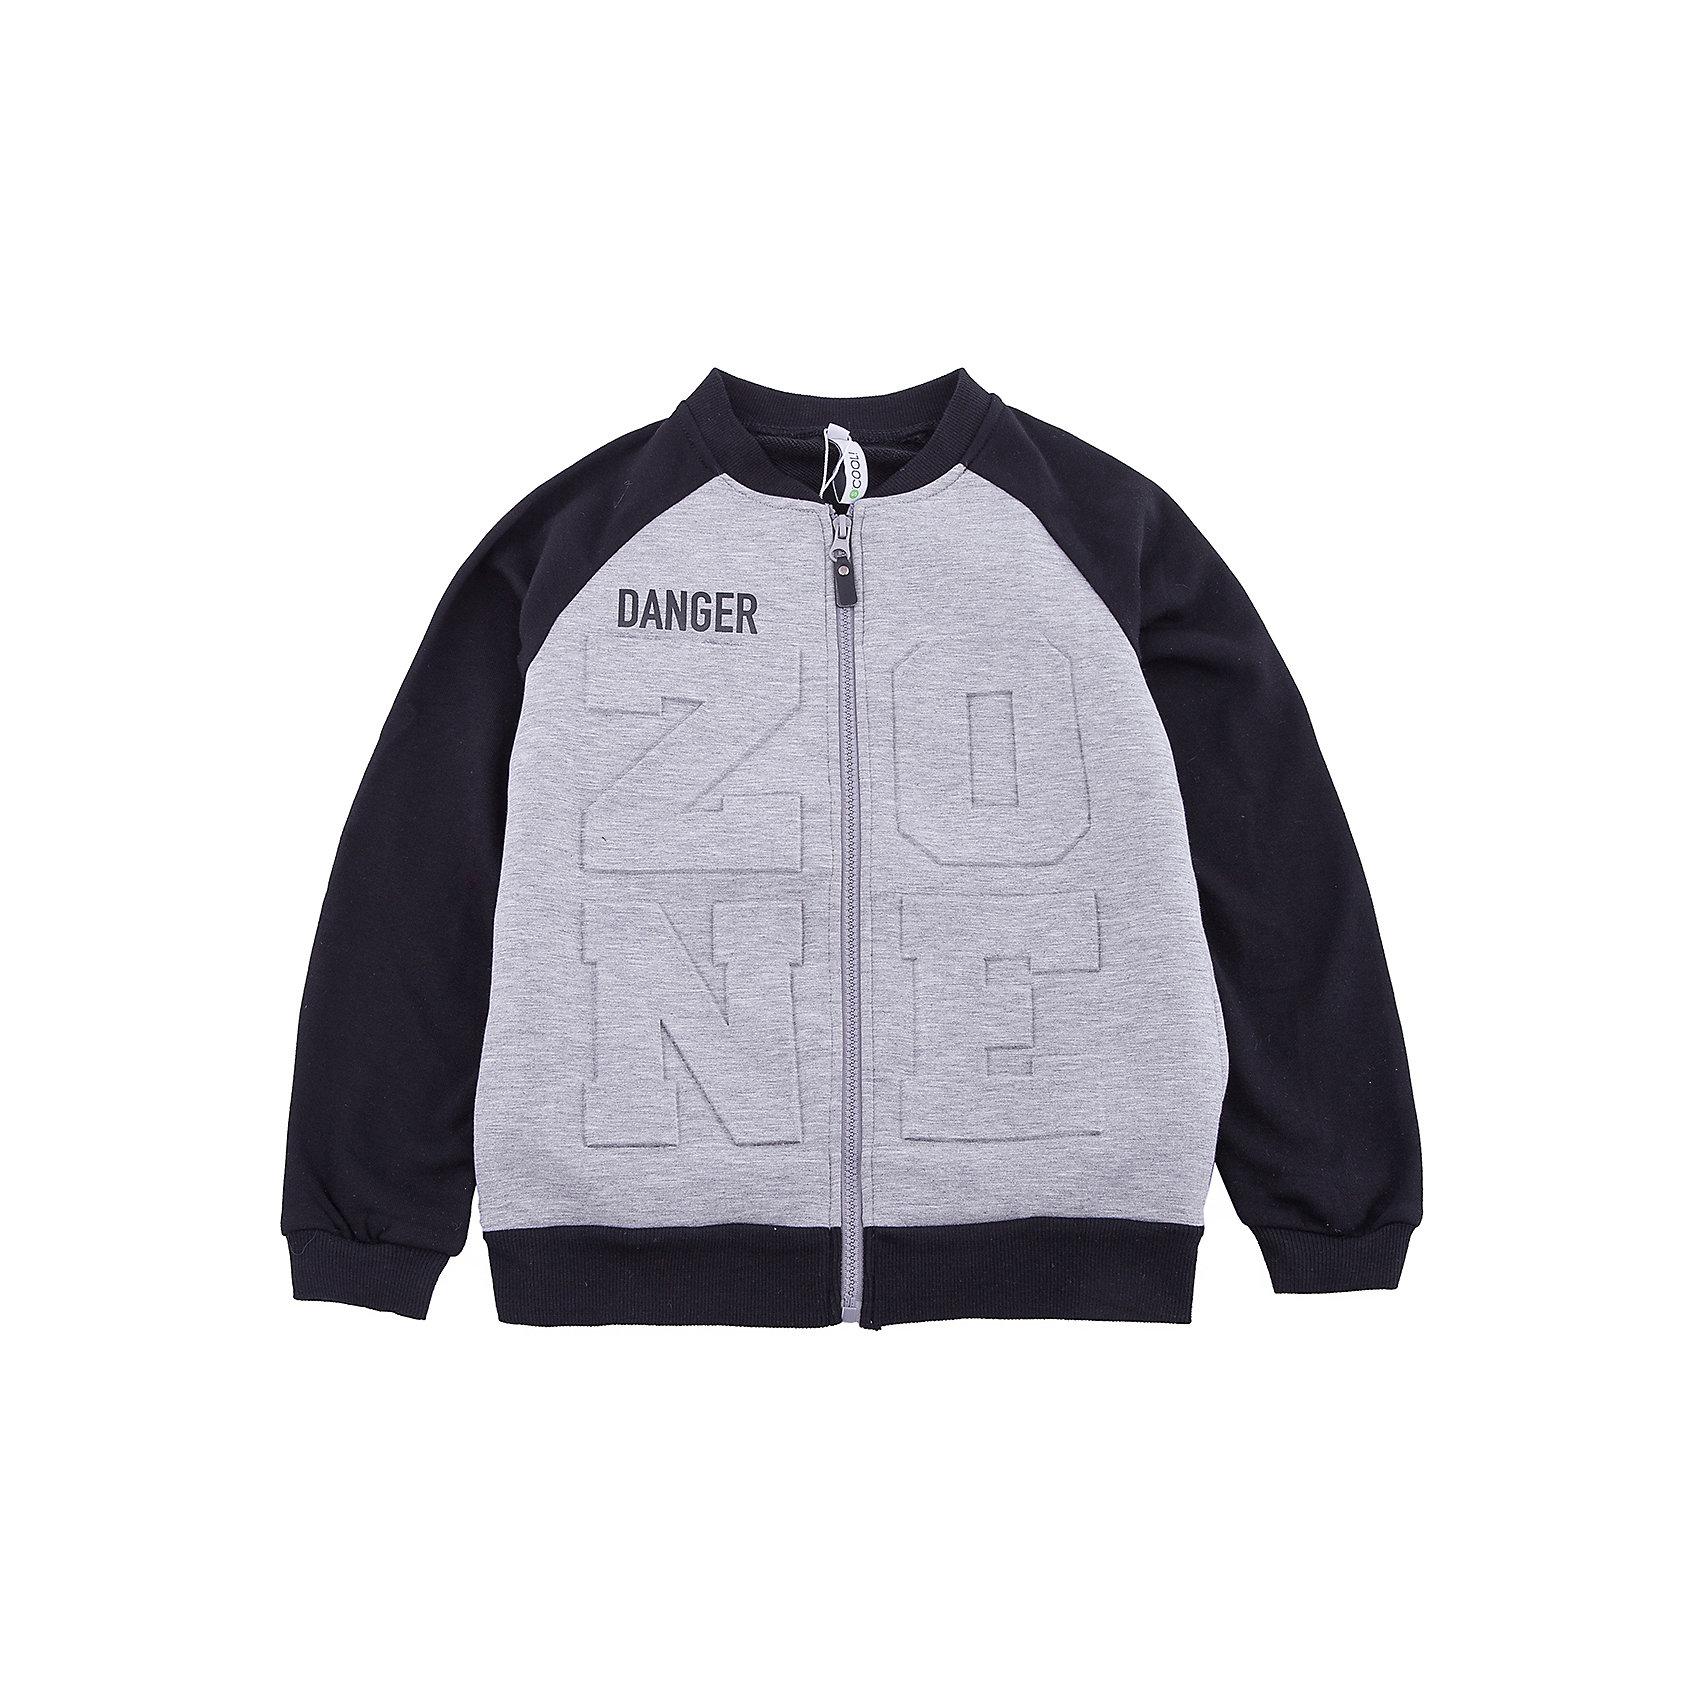 Куртка Scool для мальчикаВерхняя одежда<br>Куртка Scool для мальчика<br>Куртка на молнии. Выполнена из смесового материала с высоким содержанием натурального хлопка. Воротник - стойка, манжеты и низ изделия на мягких трикотажных резинках. Модель дополнена встрочными карманами.<br>Состав:<br>Полочка: 15% хлопок, 80% полиэстер, 5% эластан, спинка и рукава: 80% хлопок, 20% полиэстер<br><br>Ширина мм: 356<br>Глубина мм: 10<br>Высота мм: 245<br>Вес г: 519<br>Цвет: белый<br>Возраст от месяцев: 156<br>Возраст до месяцев: 168<br>Пол: Мужской<br>Возраст: Детский<br>Размер: 164,134,140,146,152,158<br>SKU: 7104922